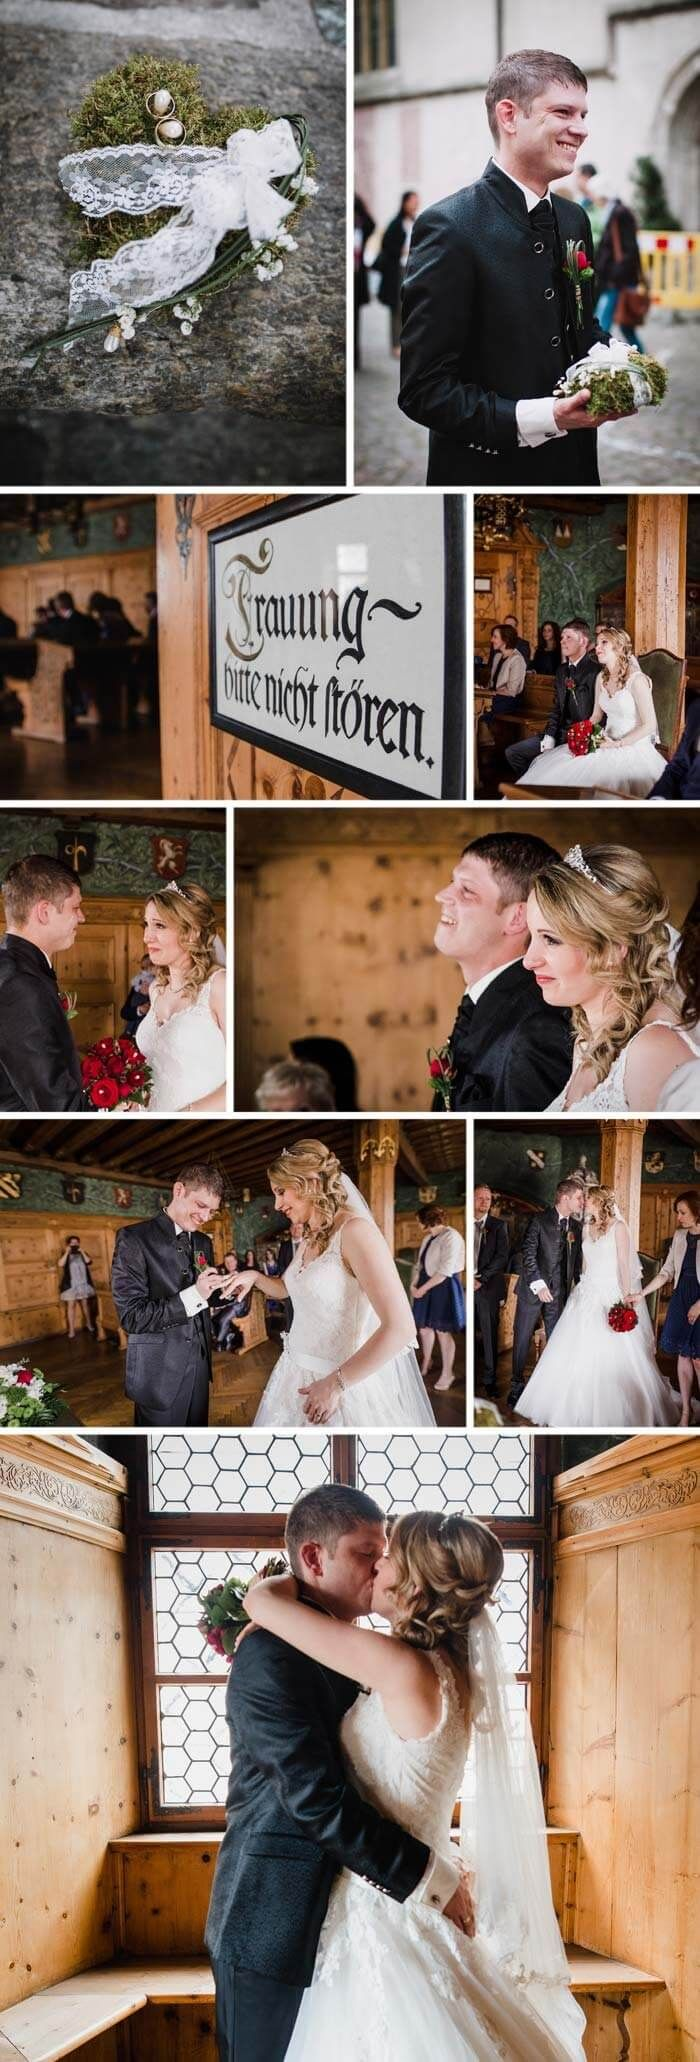 Heiraten österreich